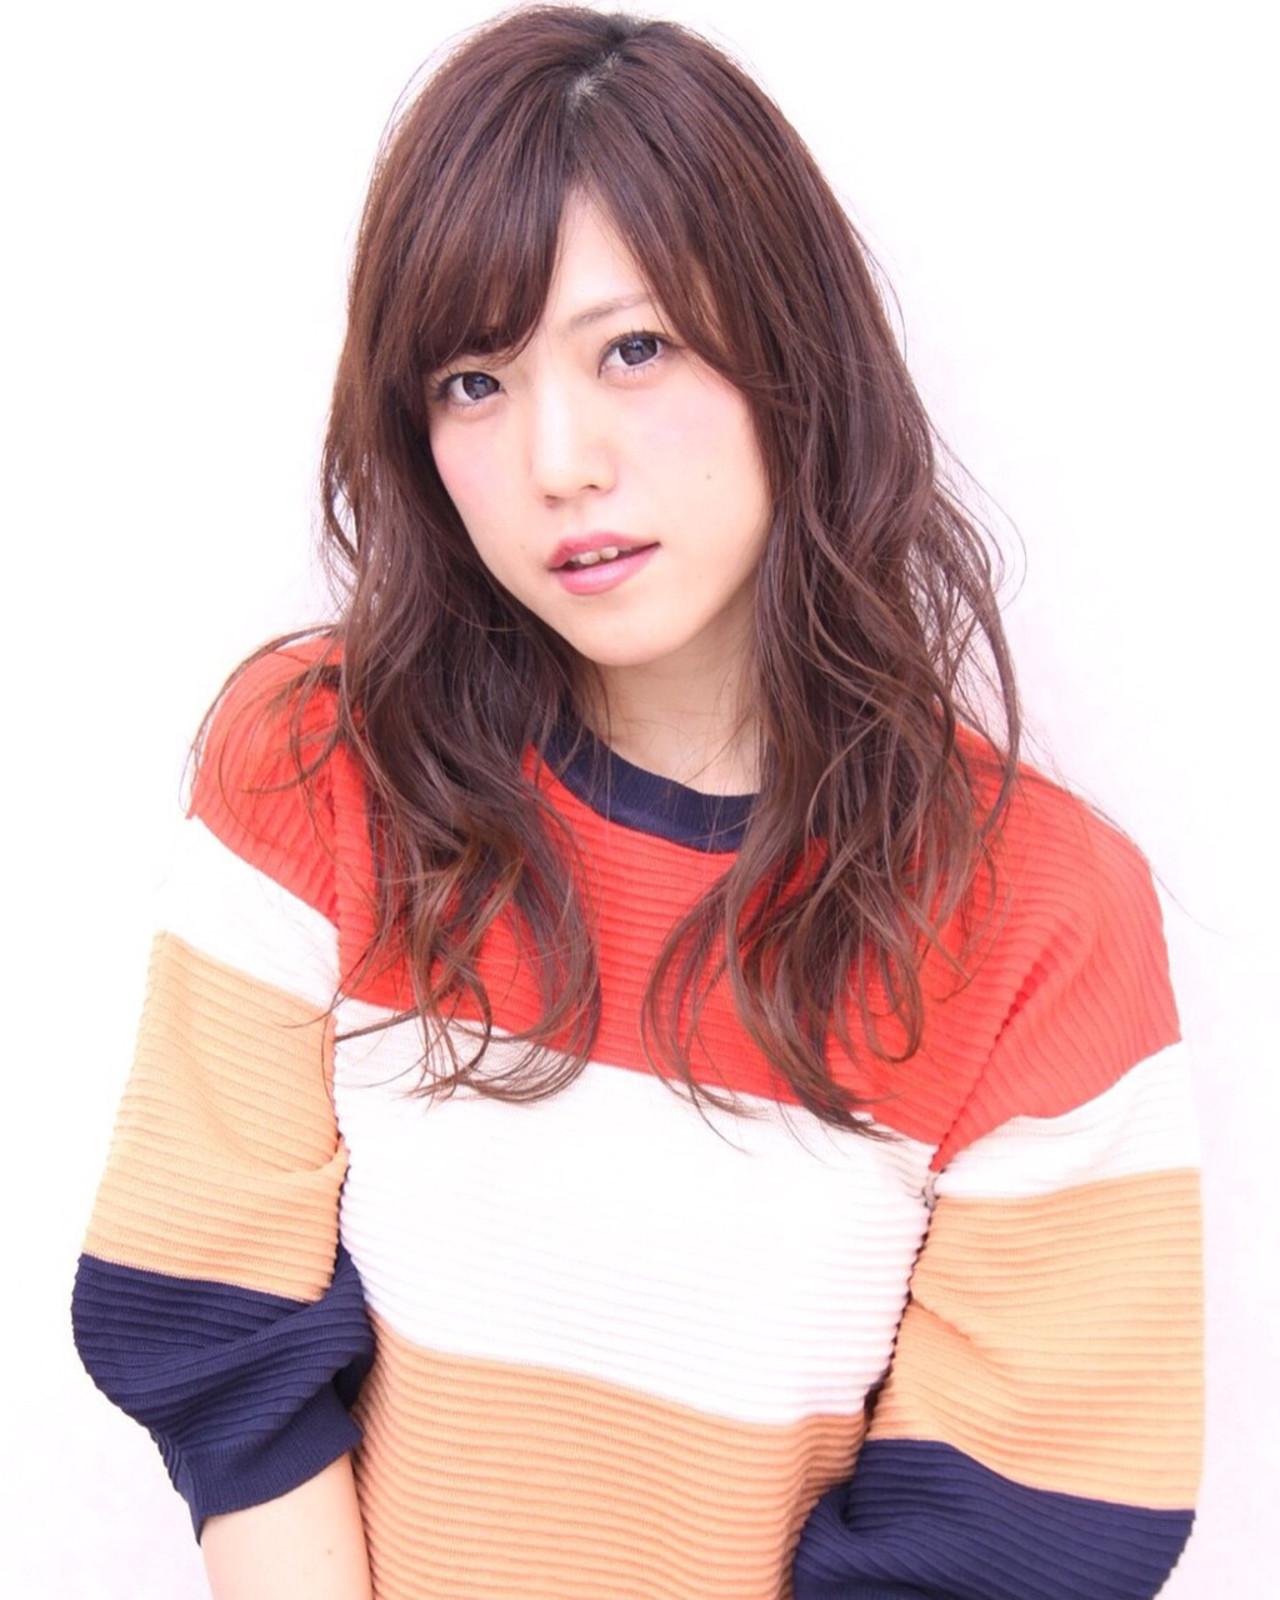 おフェロ ナチュラル ゆるふわ ロング ヘアスタイルや髪型の写真・画像 | Marika Yoshioka /